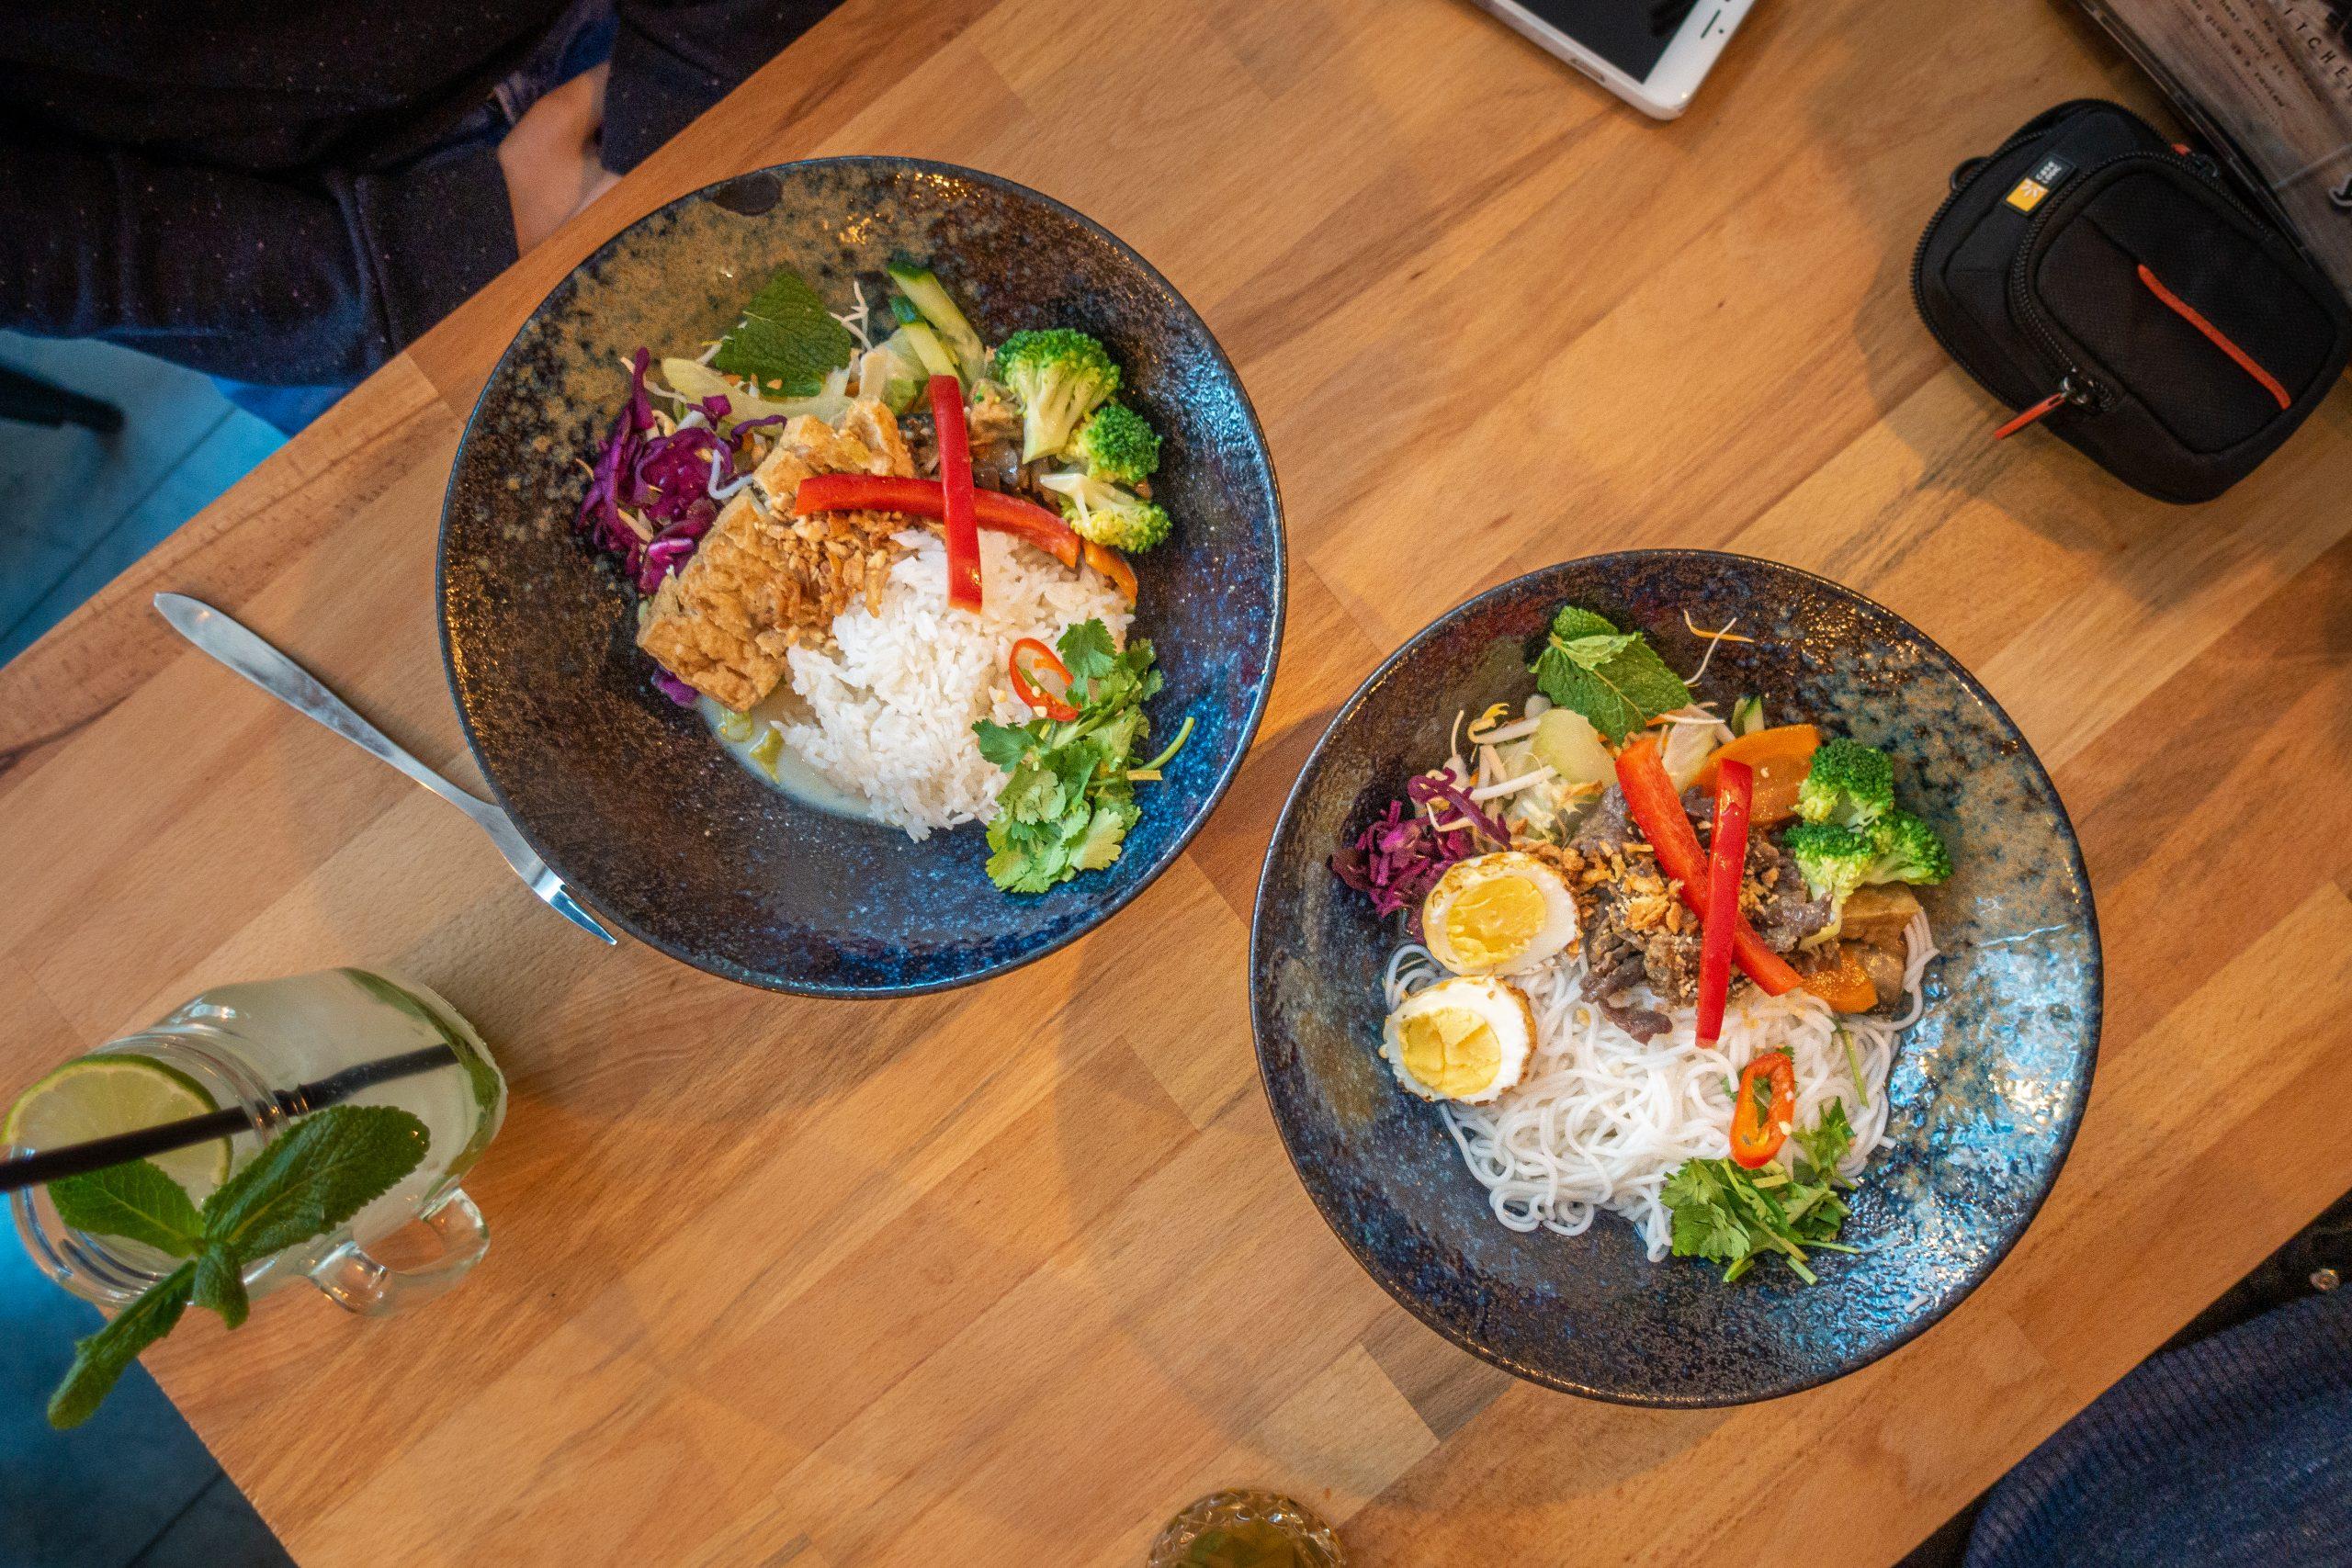 Twee kommen met lunch van ChAo Viet Kitchen